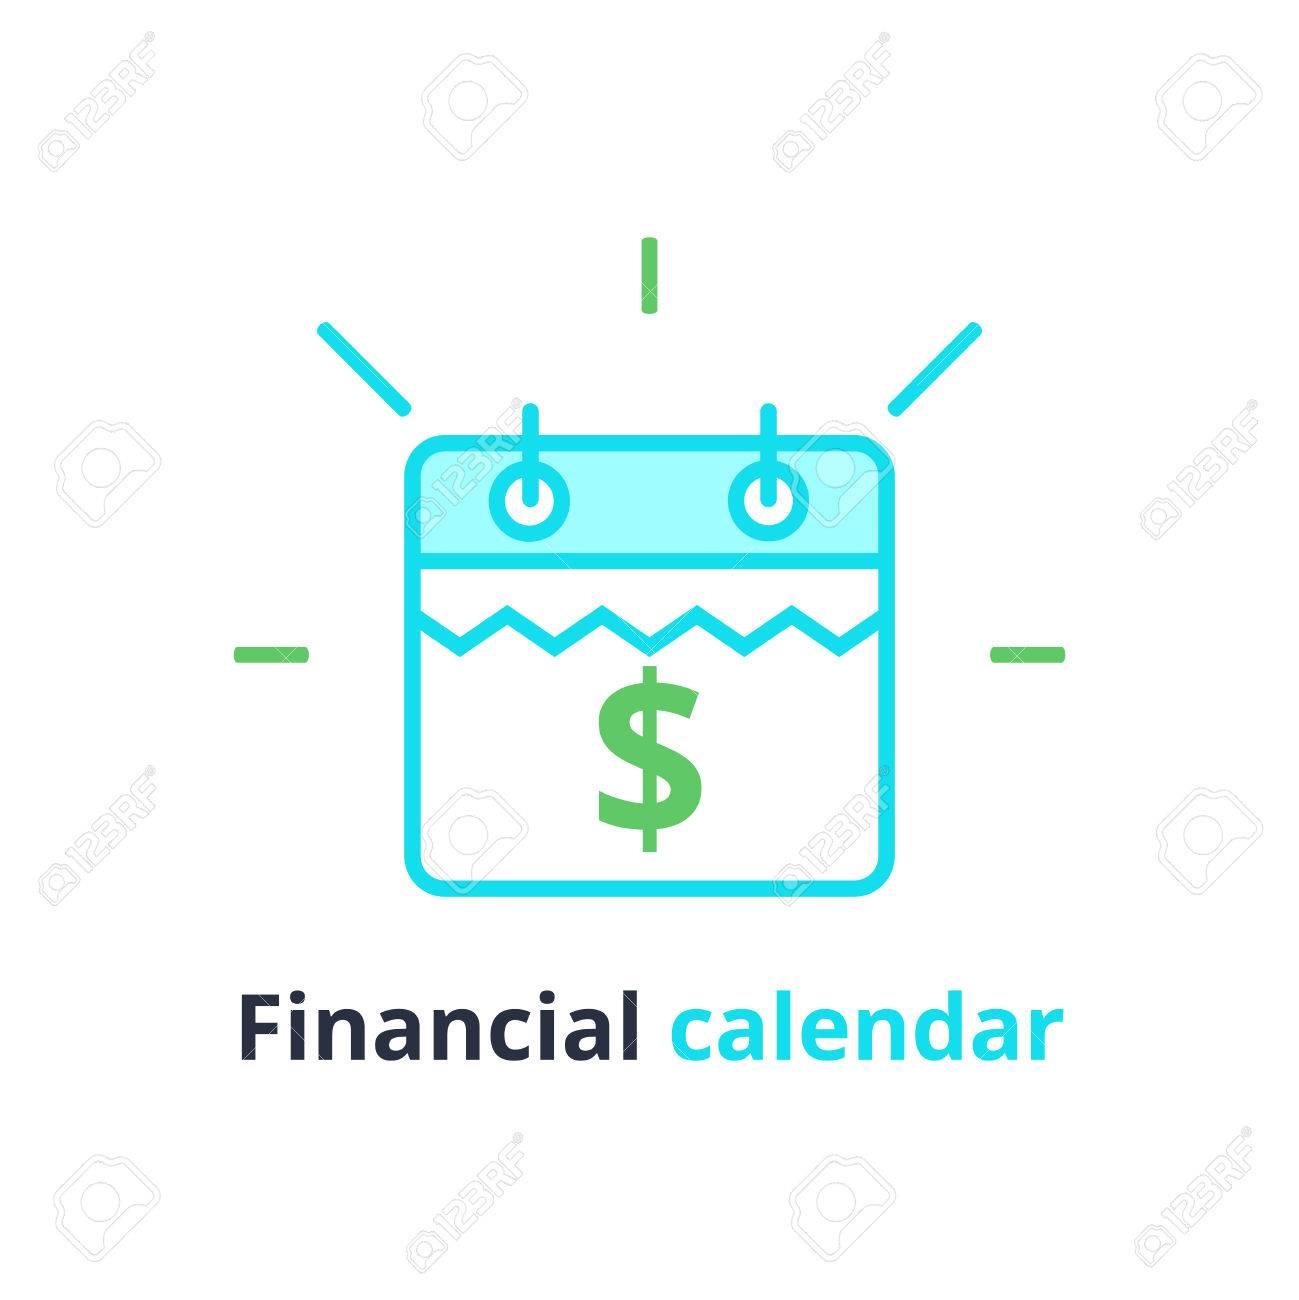 Calendrier Budgetaire.Calendrier Financier Jour De Paiement Annuel Planification Budgetaire Mensuelle Concept De Periode Fixe Duree Du Pret Icones Vectorielles De